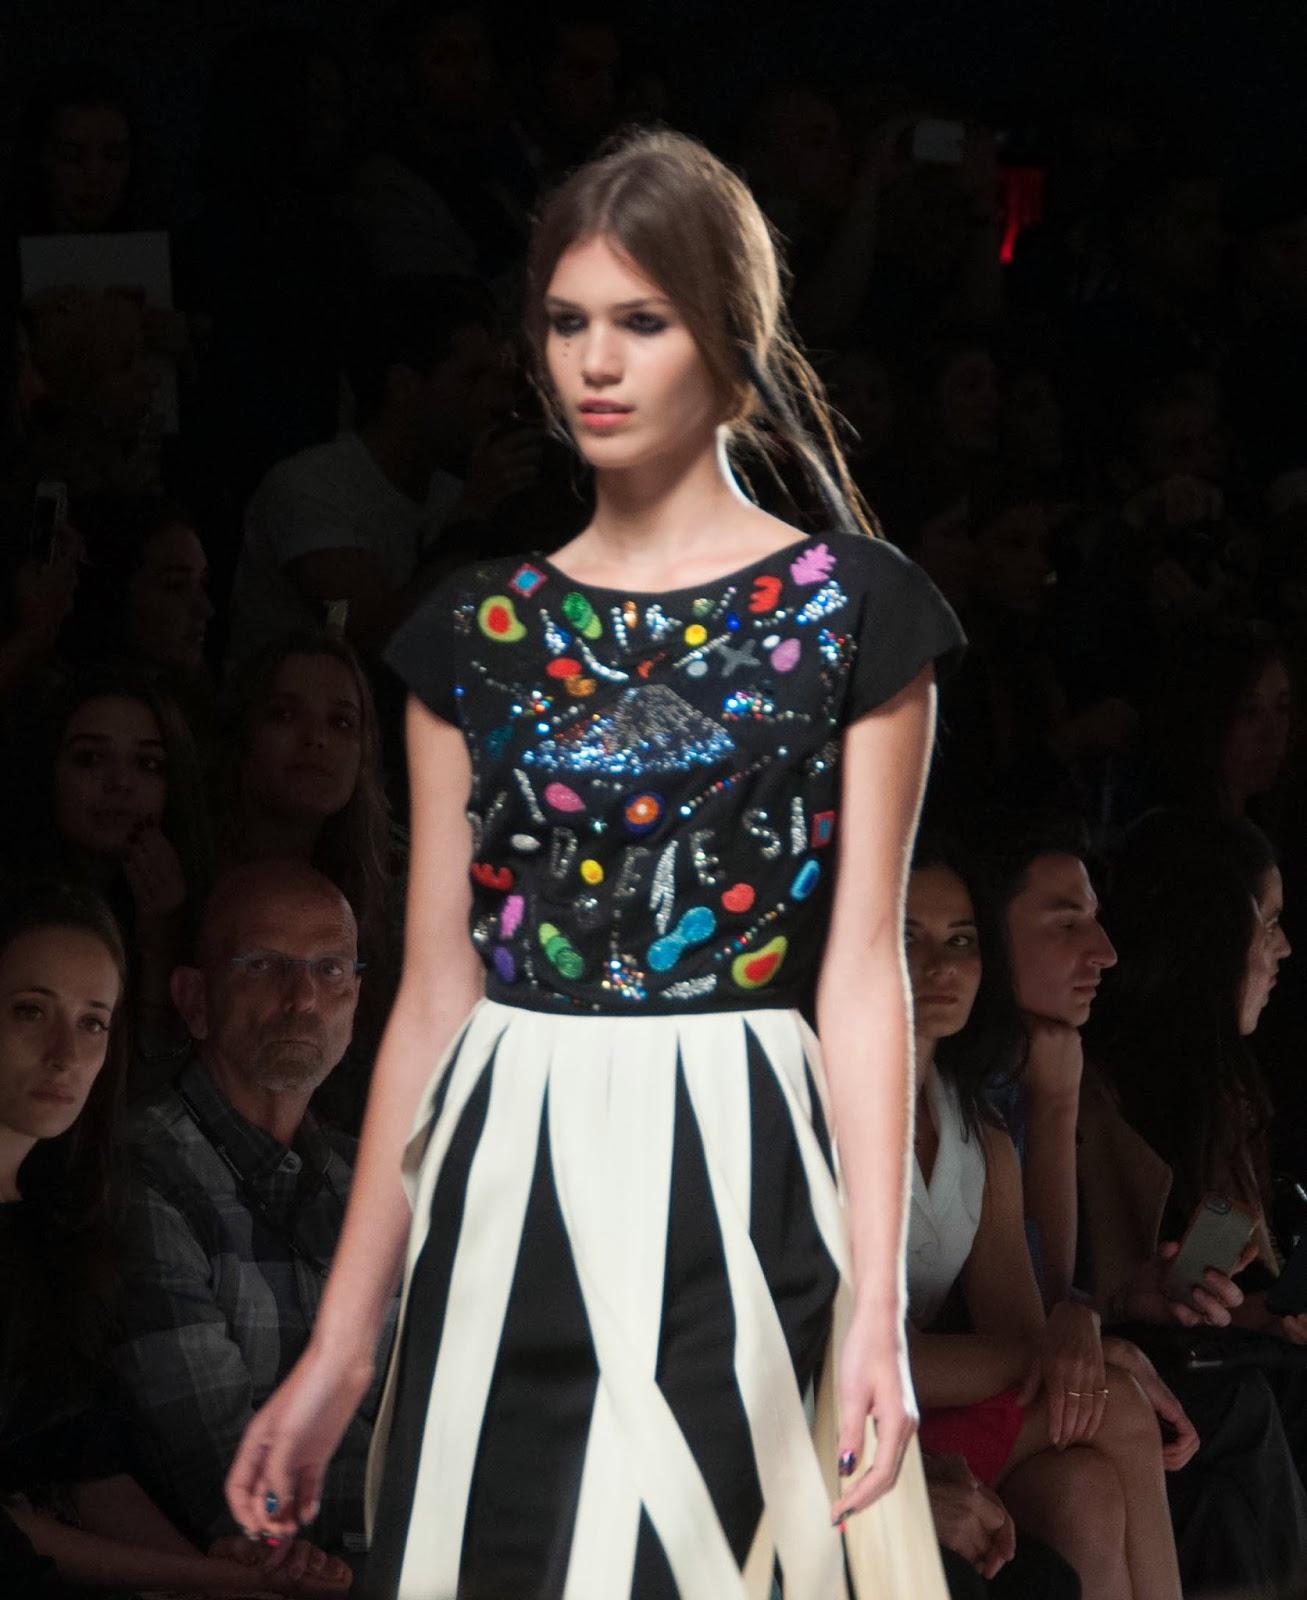 libertine, libertine nyc, libertine new york fashion week runway, new york fashion week, new york fashion week 2014, spring and summer runway show, spring and summer 2014